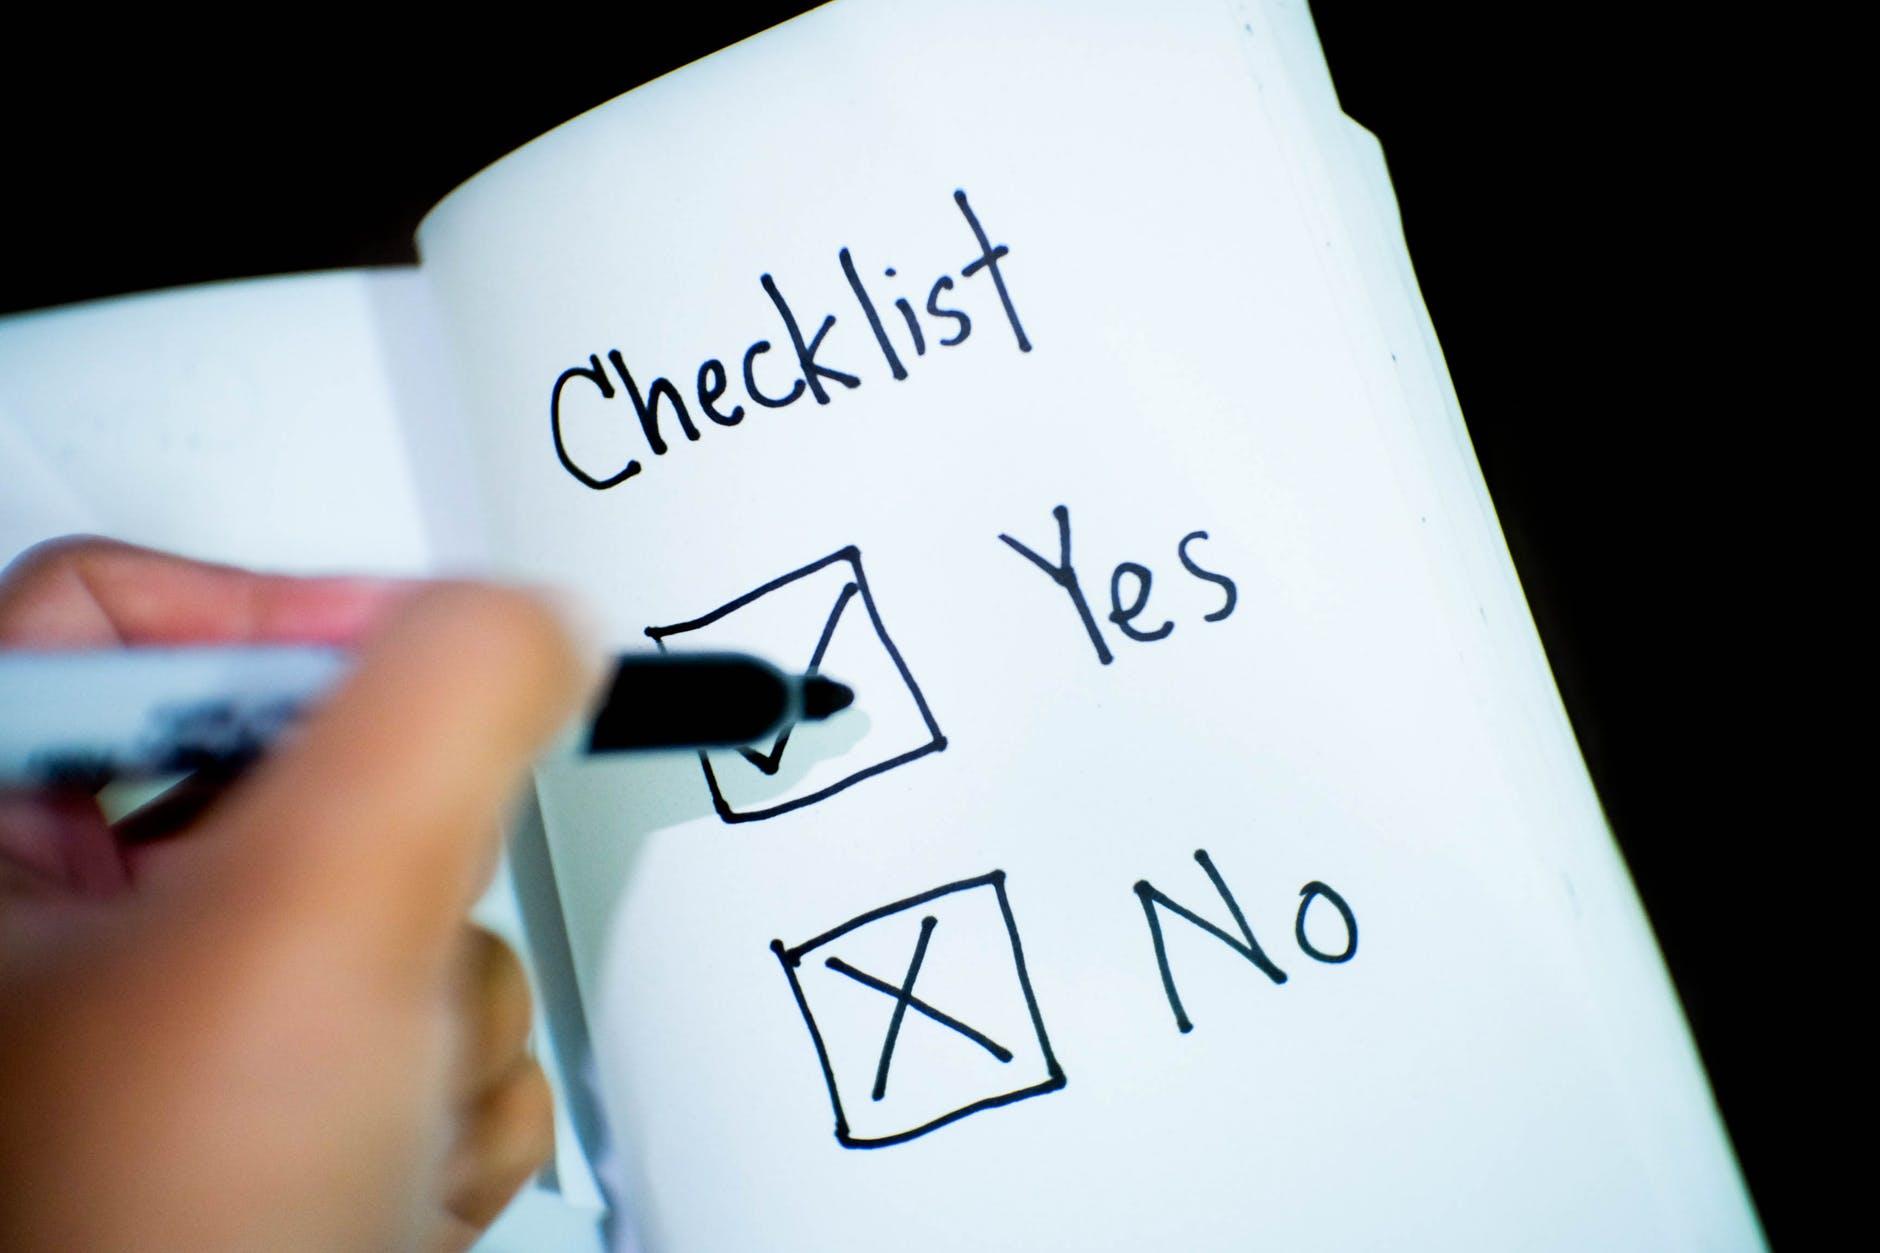 Check list per adeguamento statuto enti terzo settore